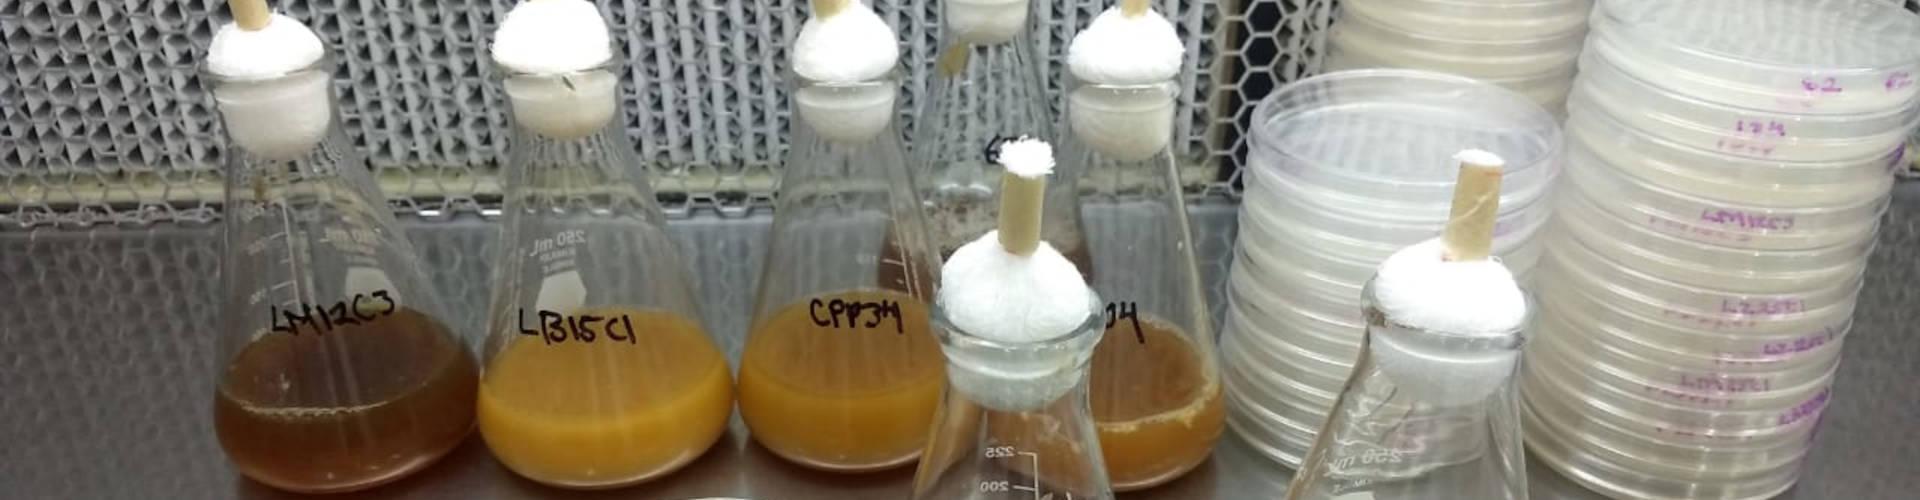 Estudia IPN contaminante que afecta el sistema endócrino